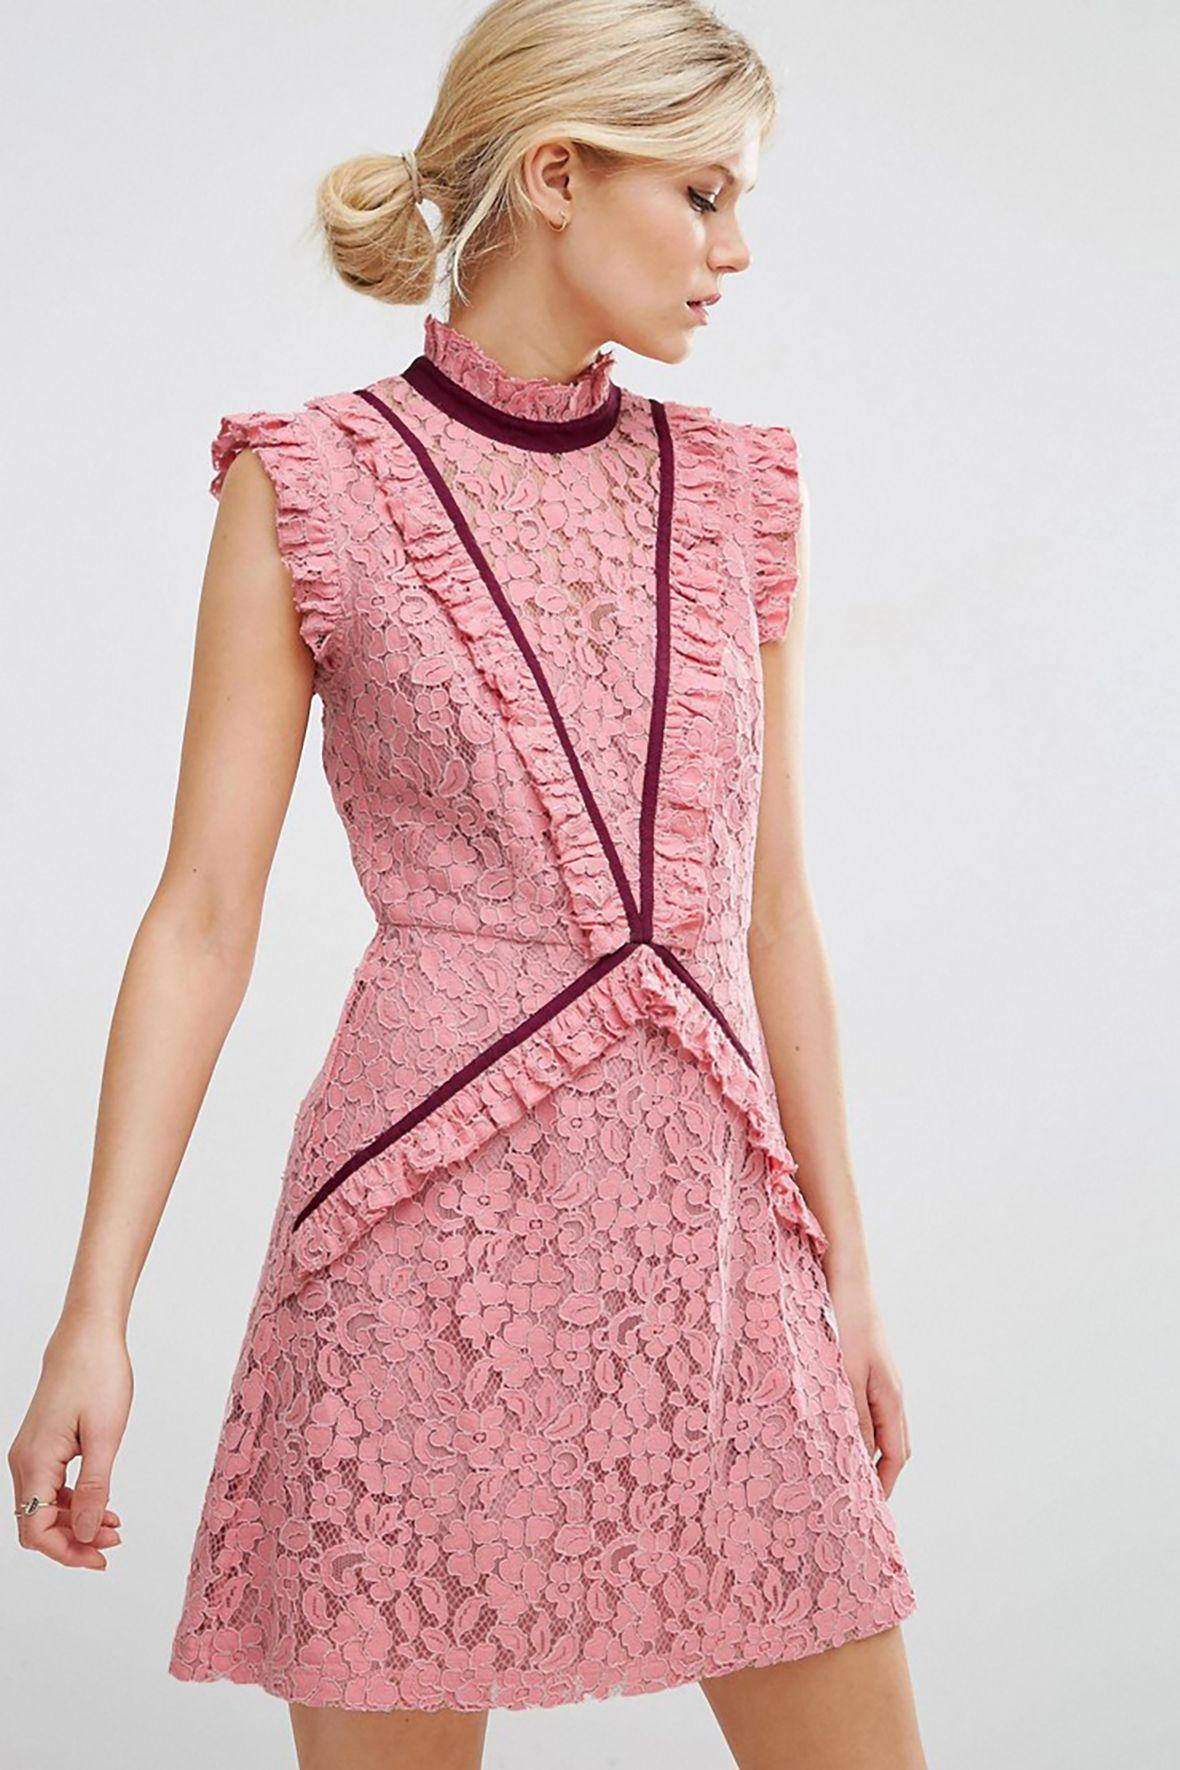 Moderno Asos Vestido De Cóctel Ornamento - Colección de Vestidos de ...